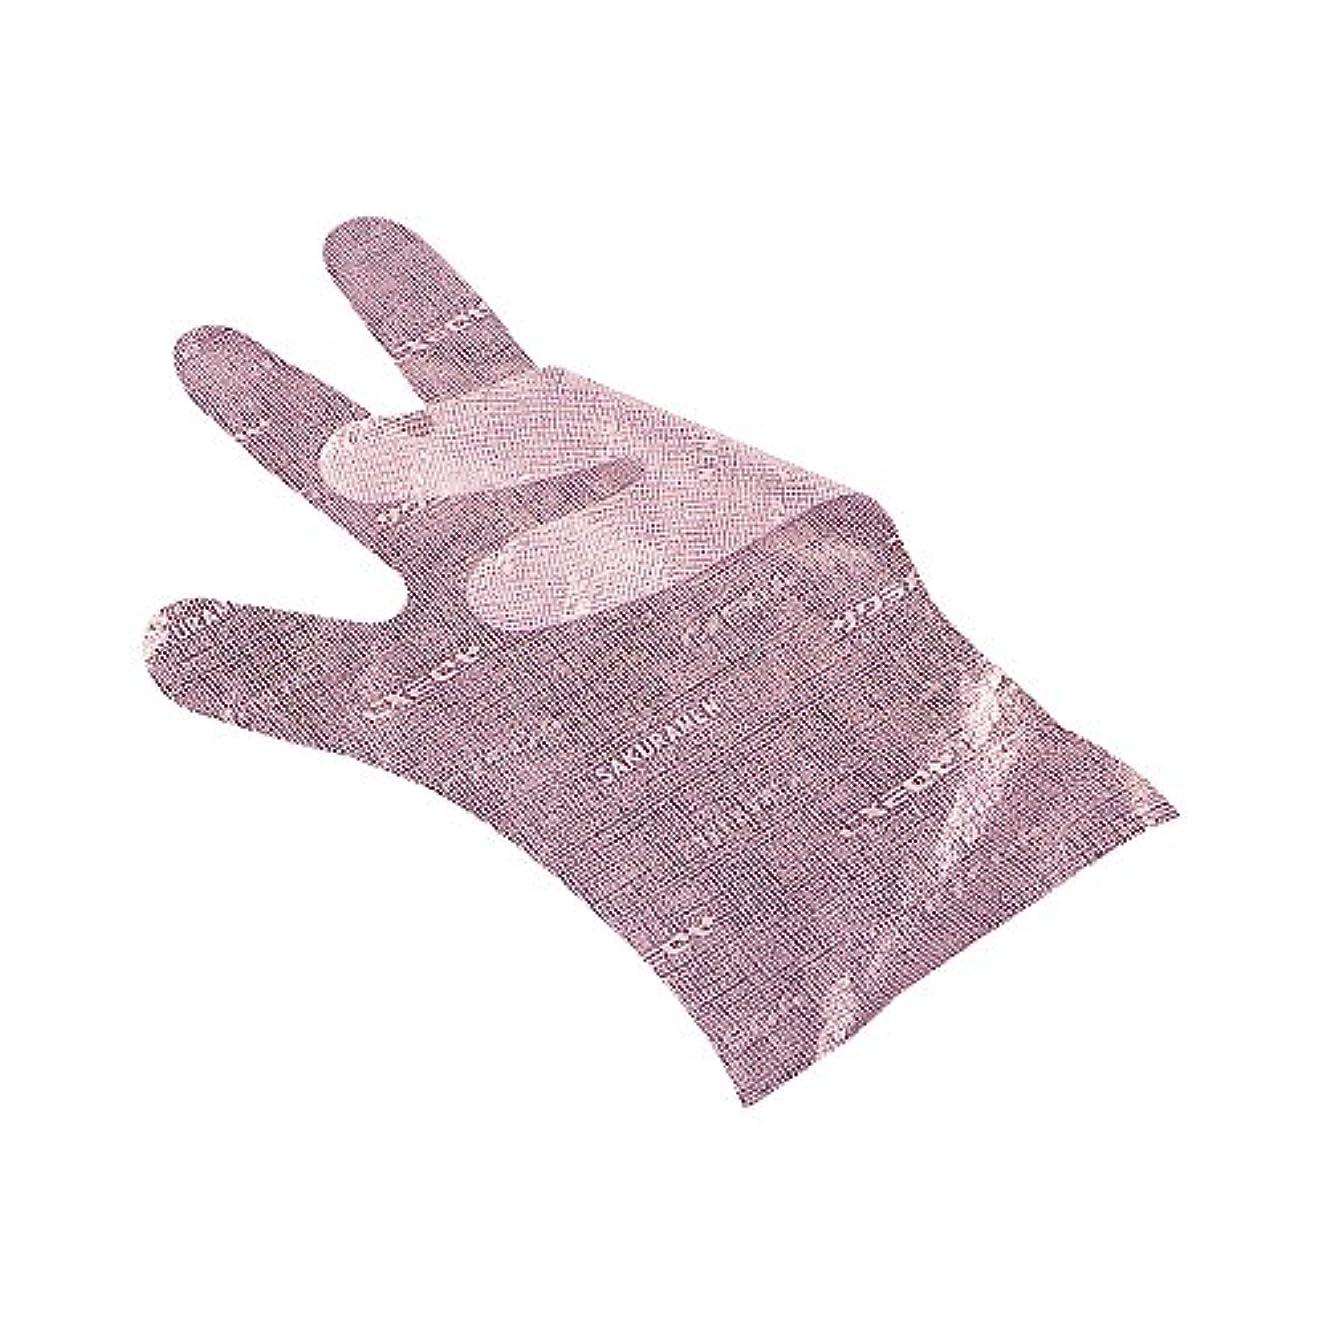 陪審わずかな航海サクラメンエンボス手袋 デラックス ピンク L 100枚入